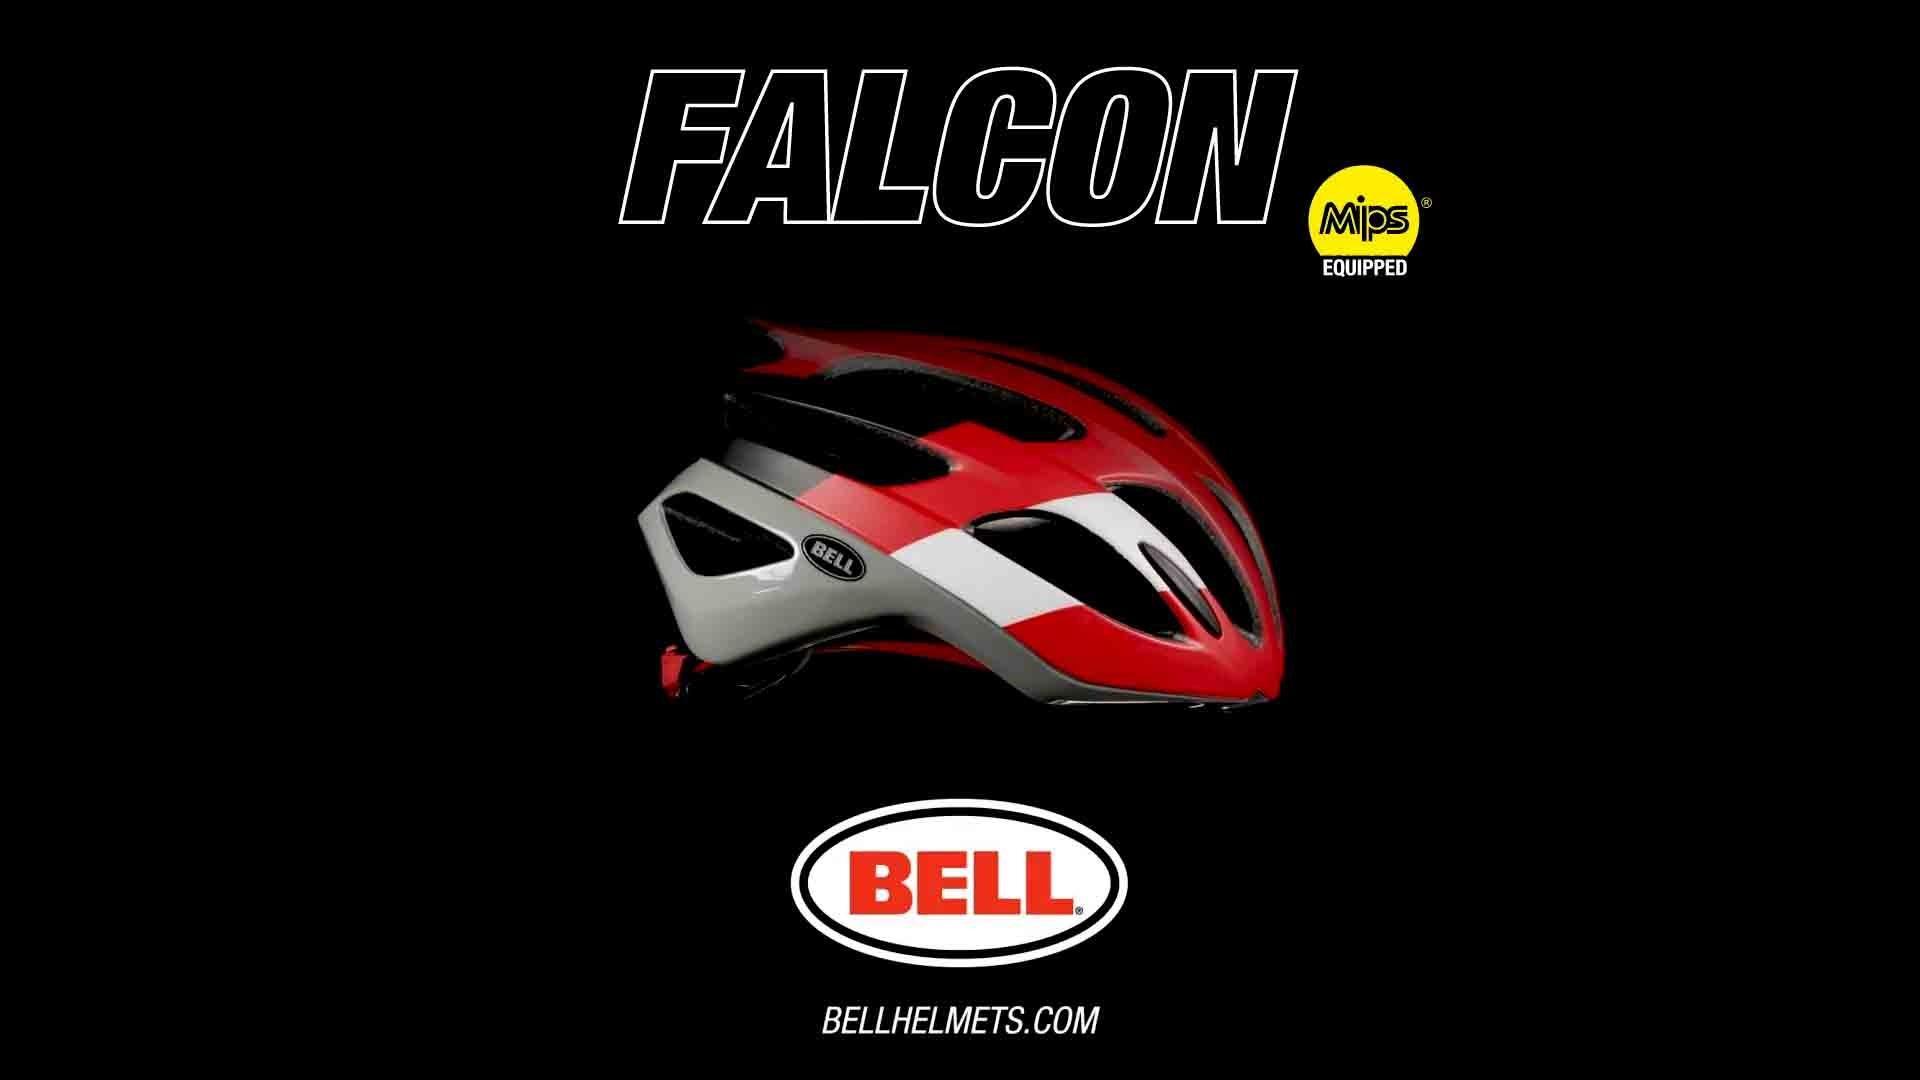 Falcon MIPS Tech Video | Bell Helmets